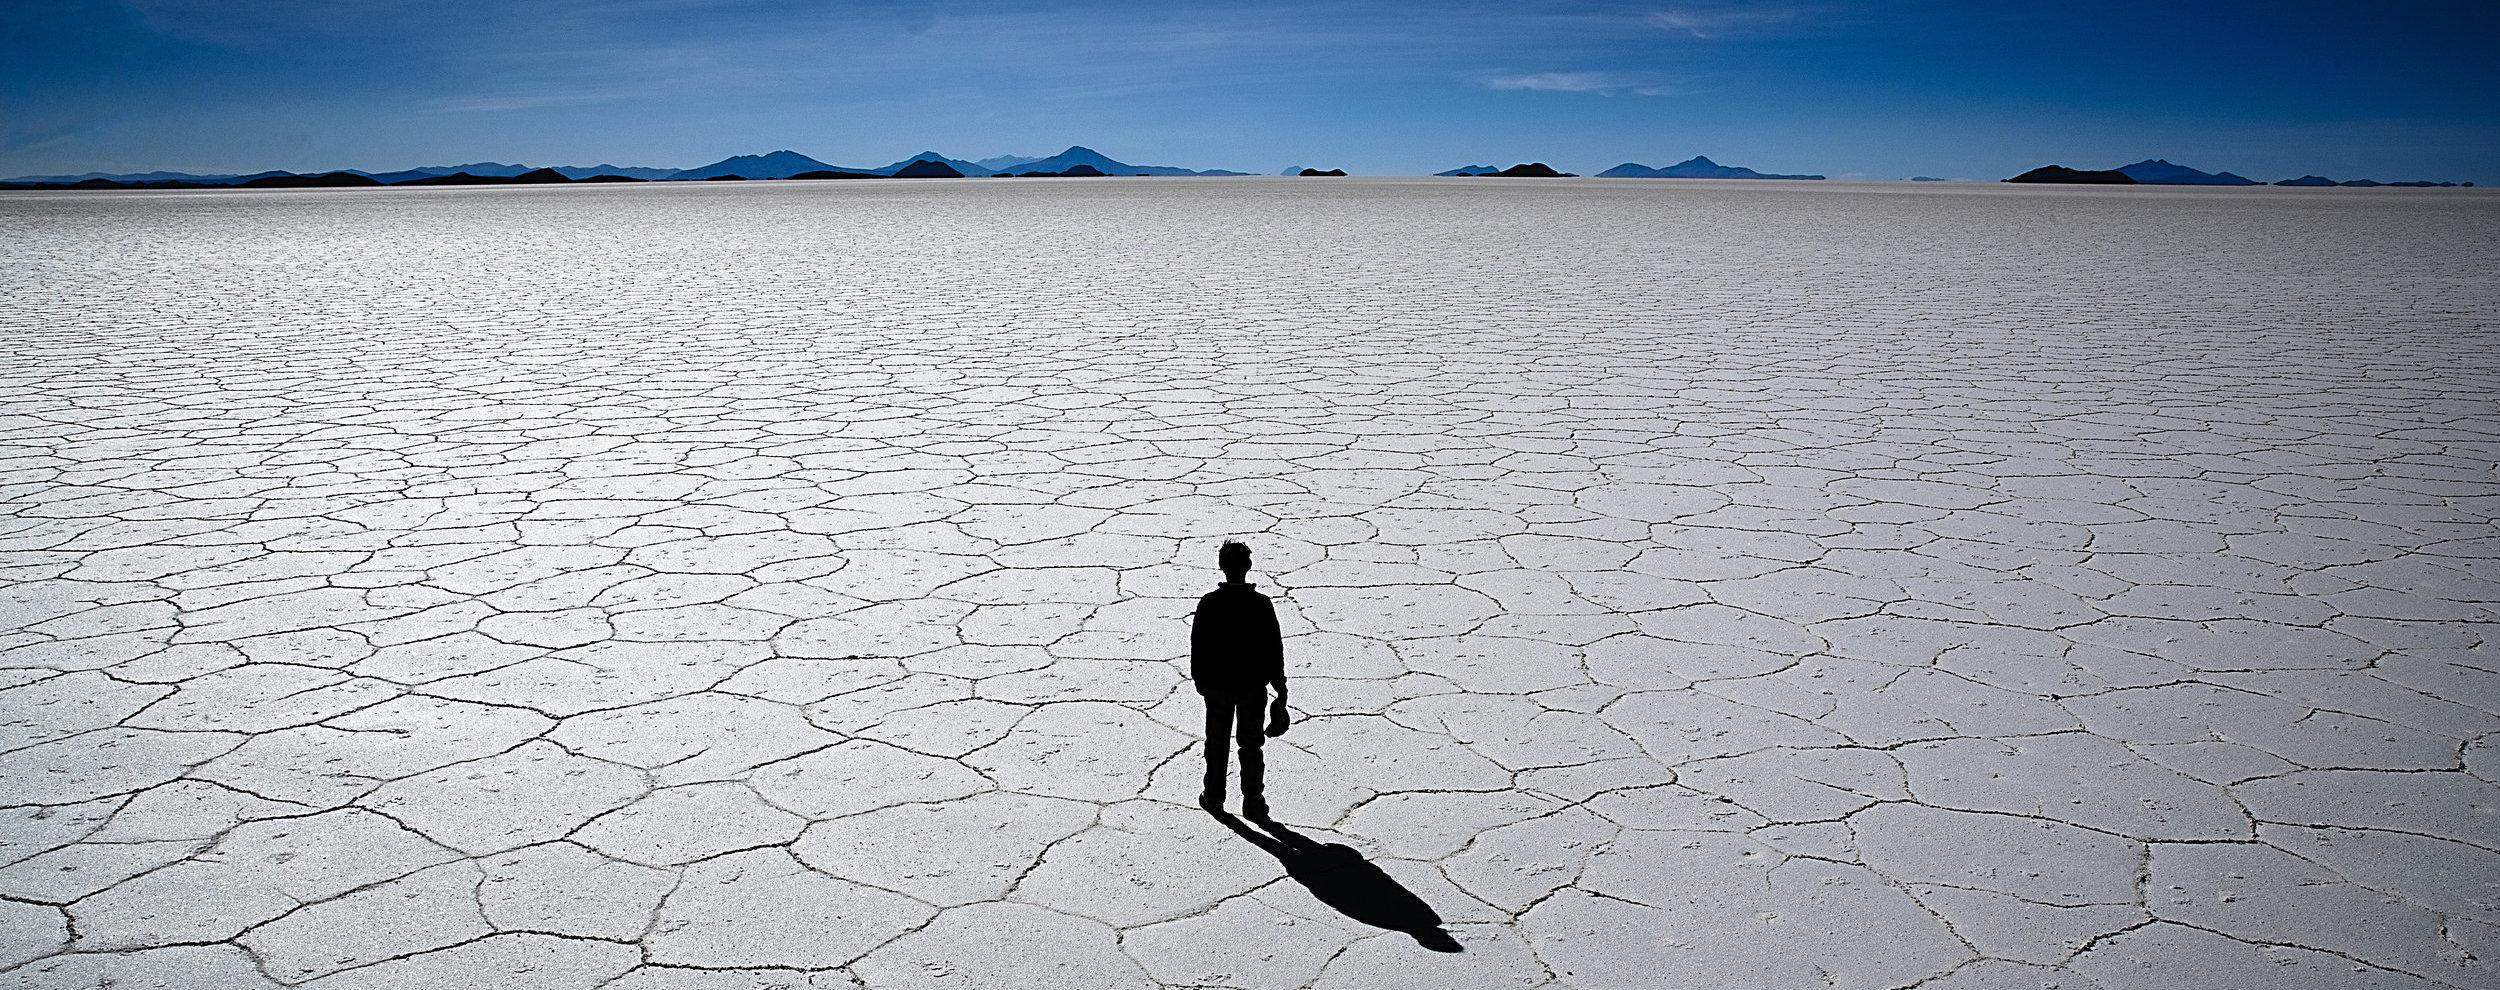 BOLIVAN SALT FLATS -